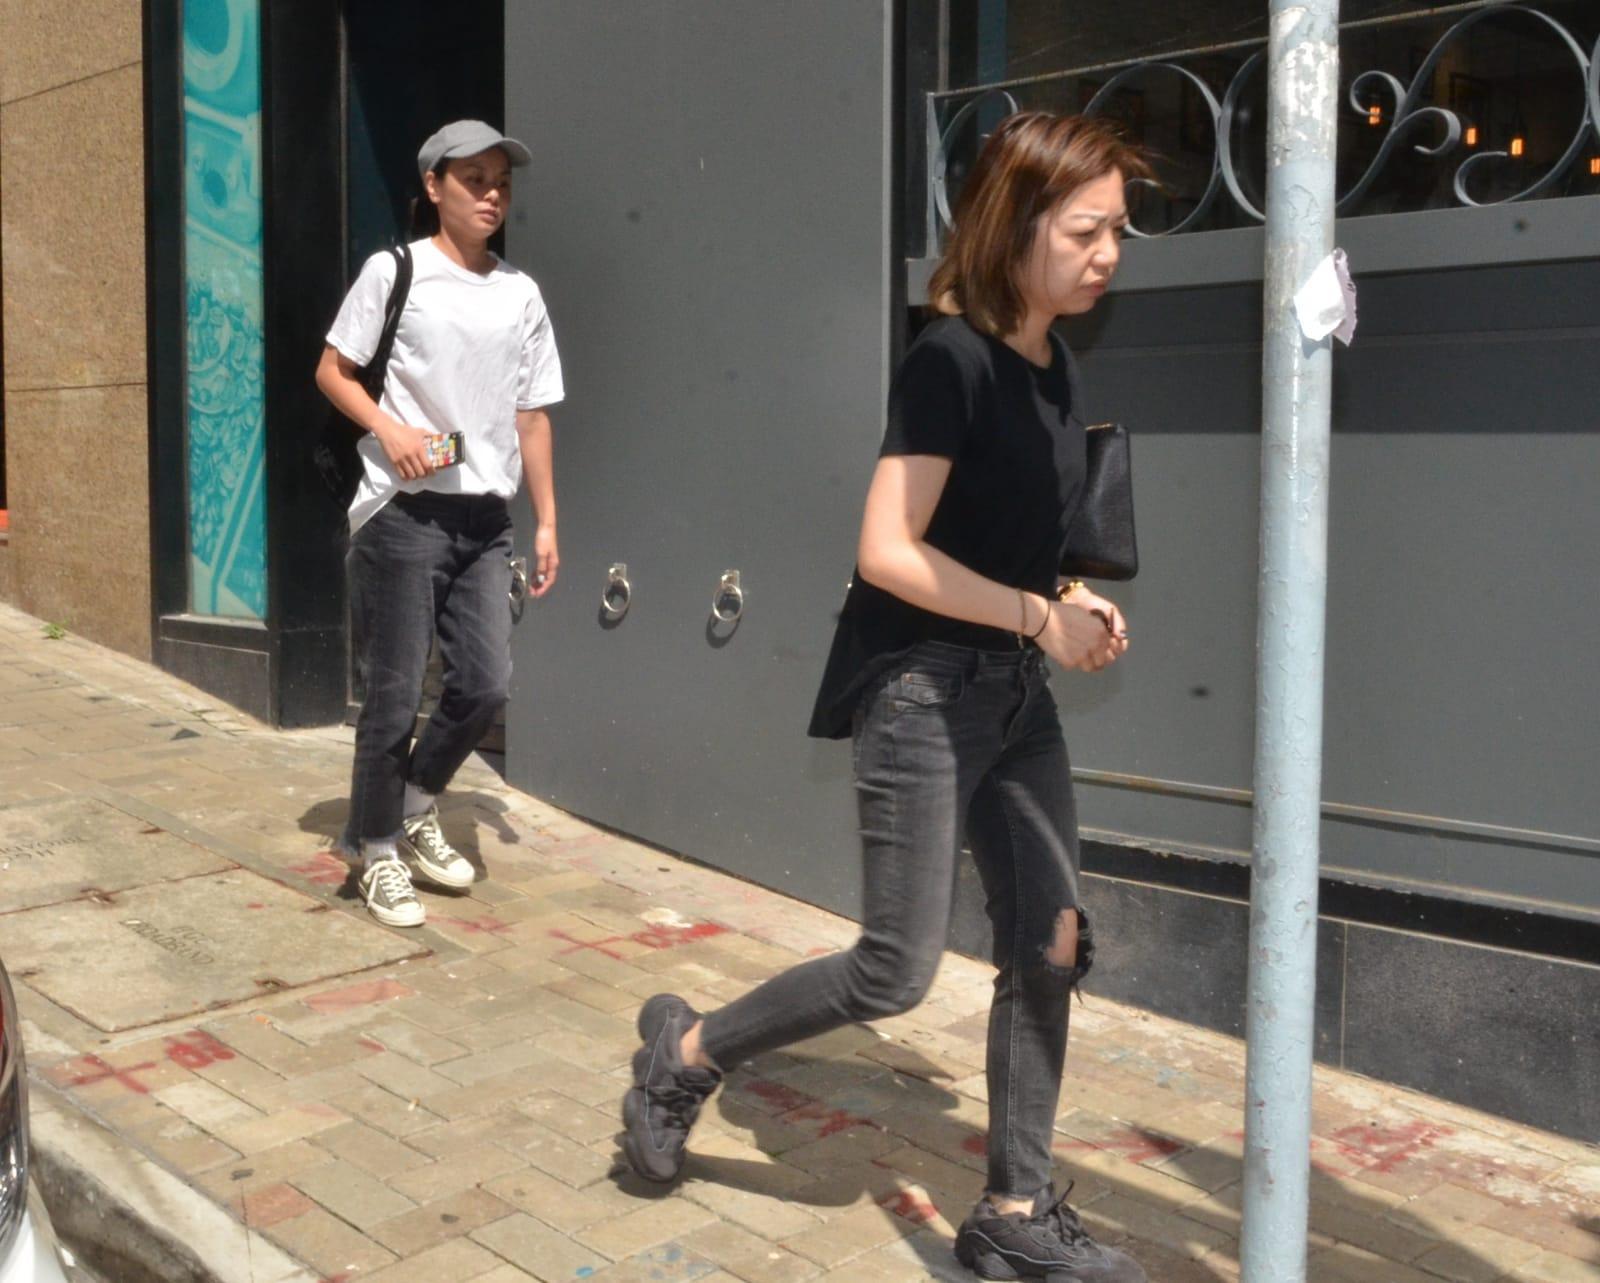 盧凱彤唱片公司職員到場了解情況後離去。